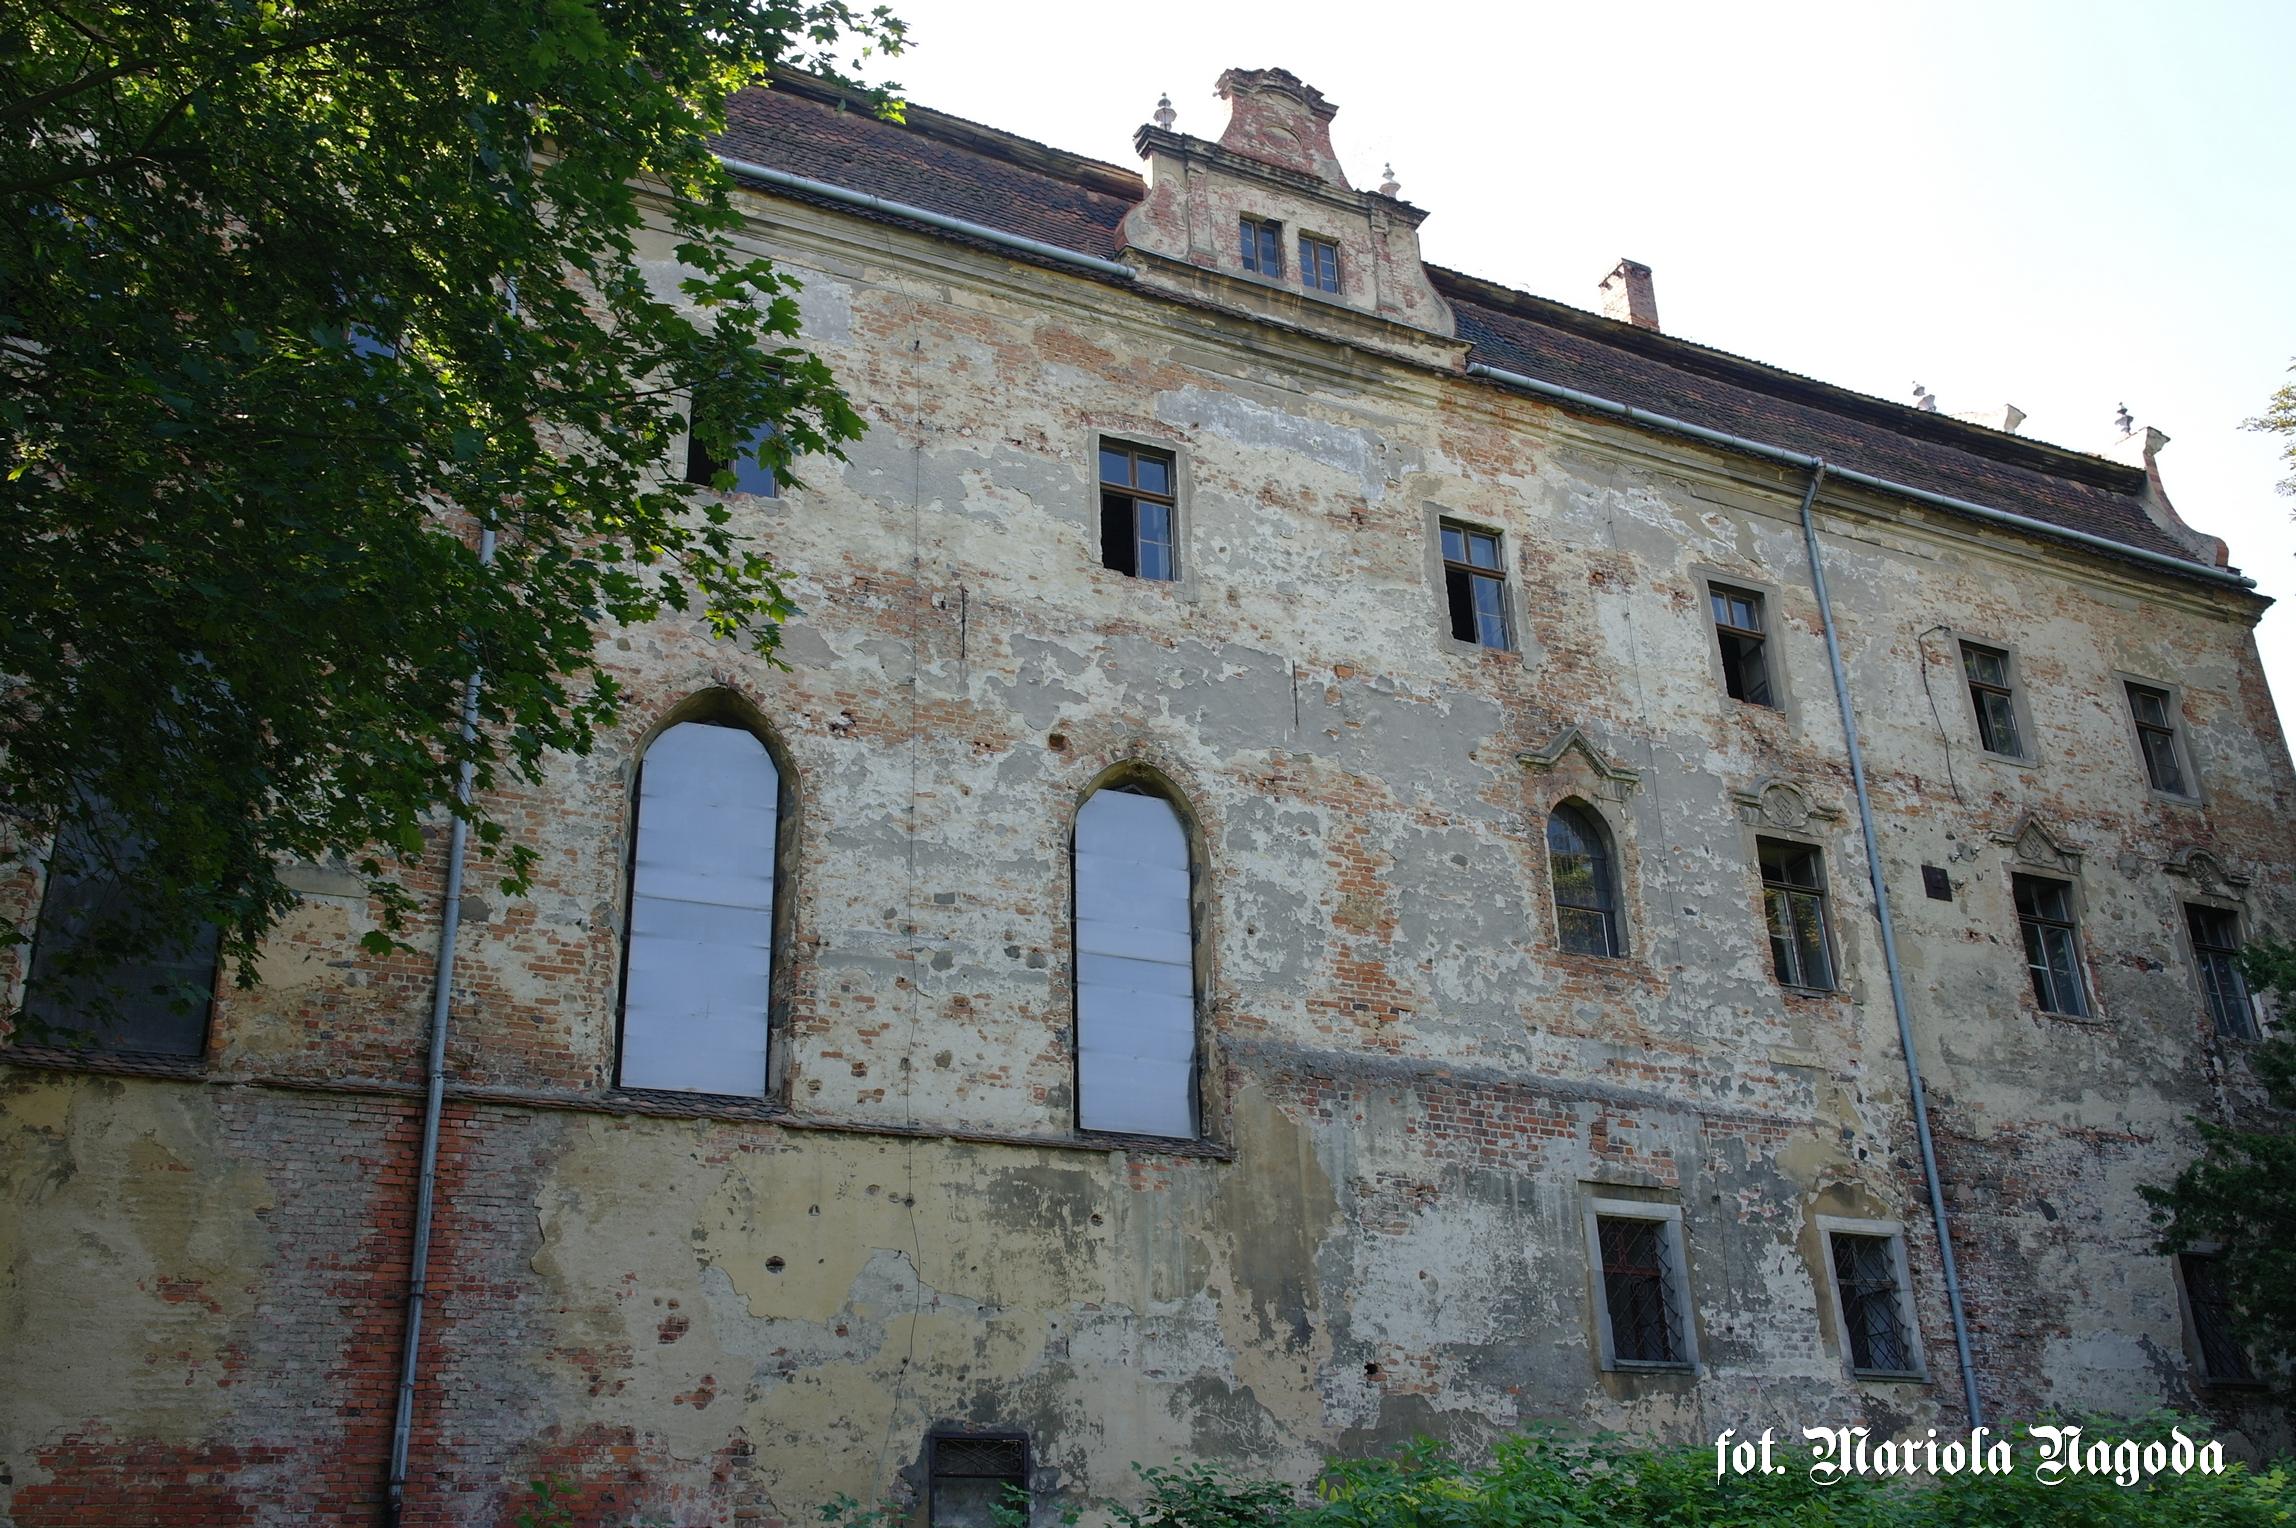 Widok na kaplicę od zewnętrznej strony zamku